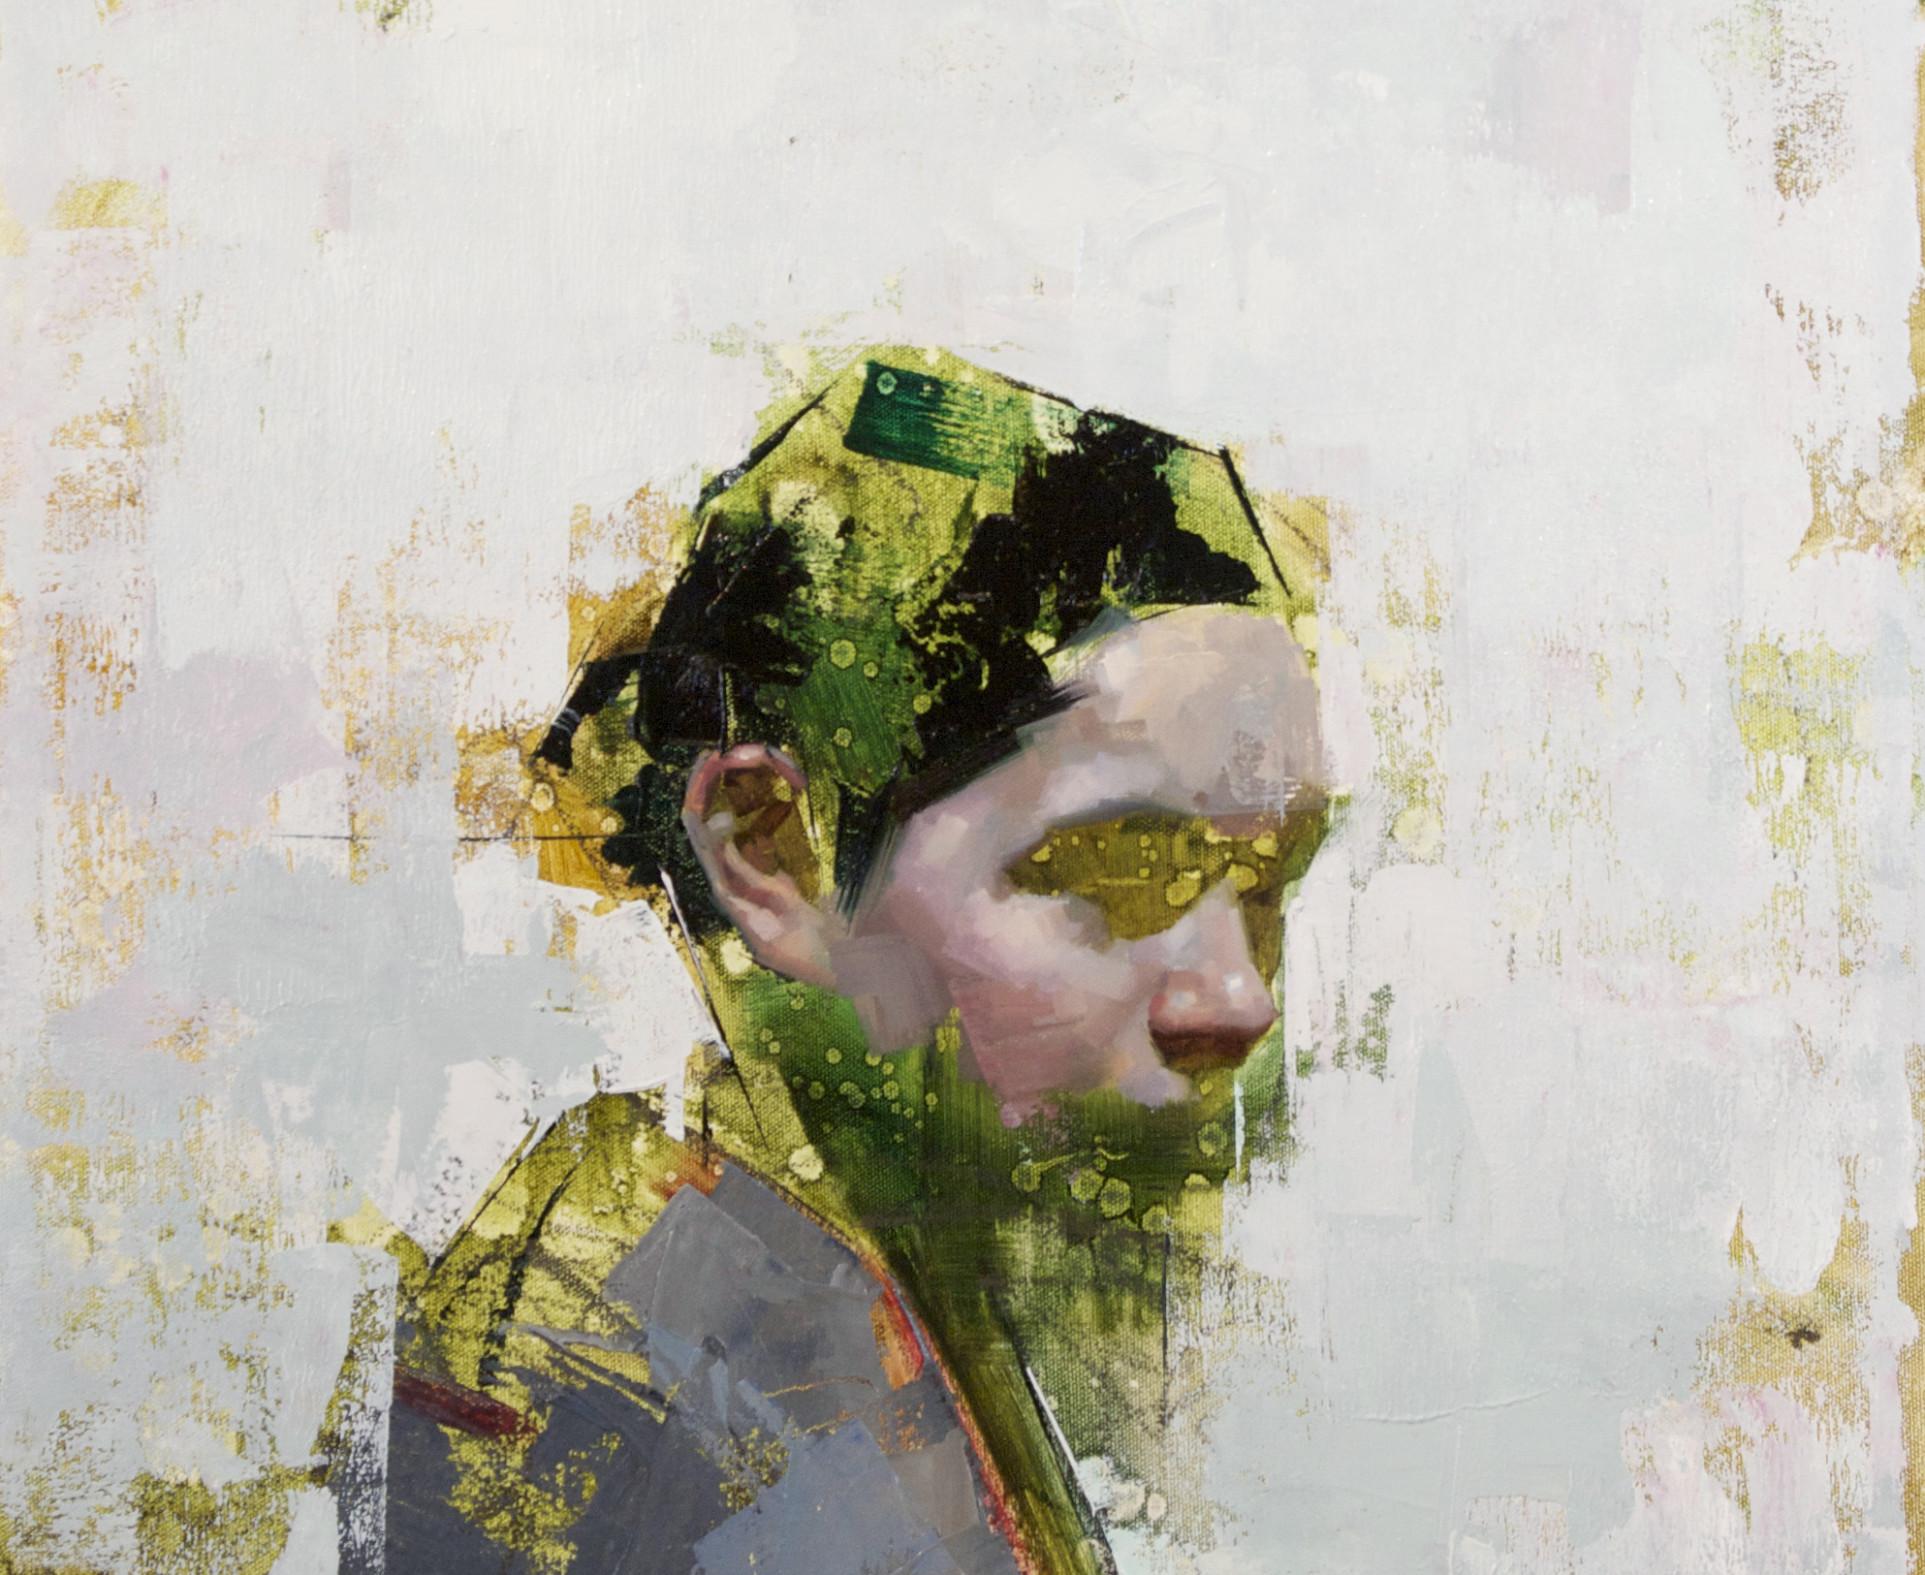 John Wentz, Imprint No. 1, 2015